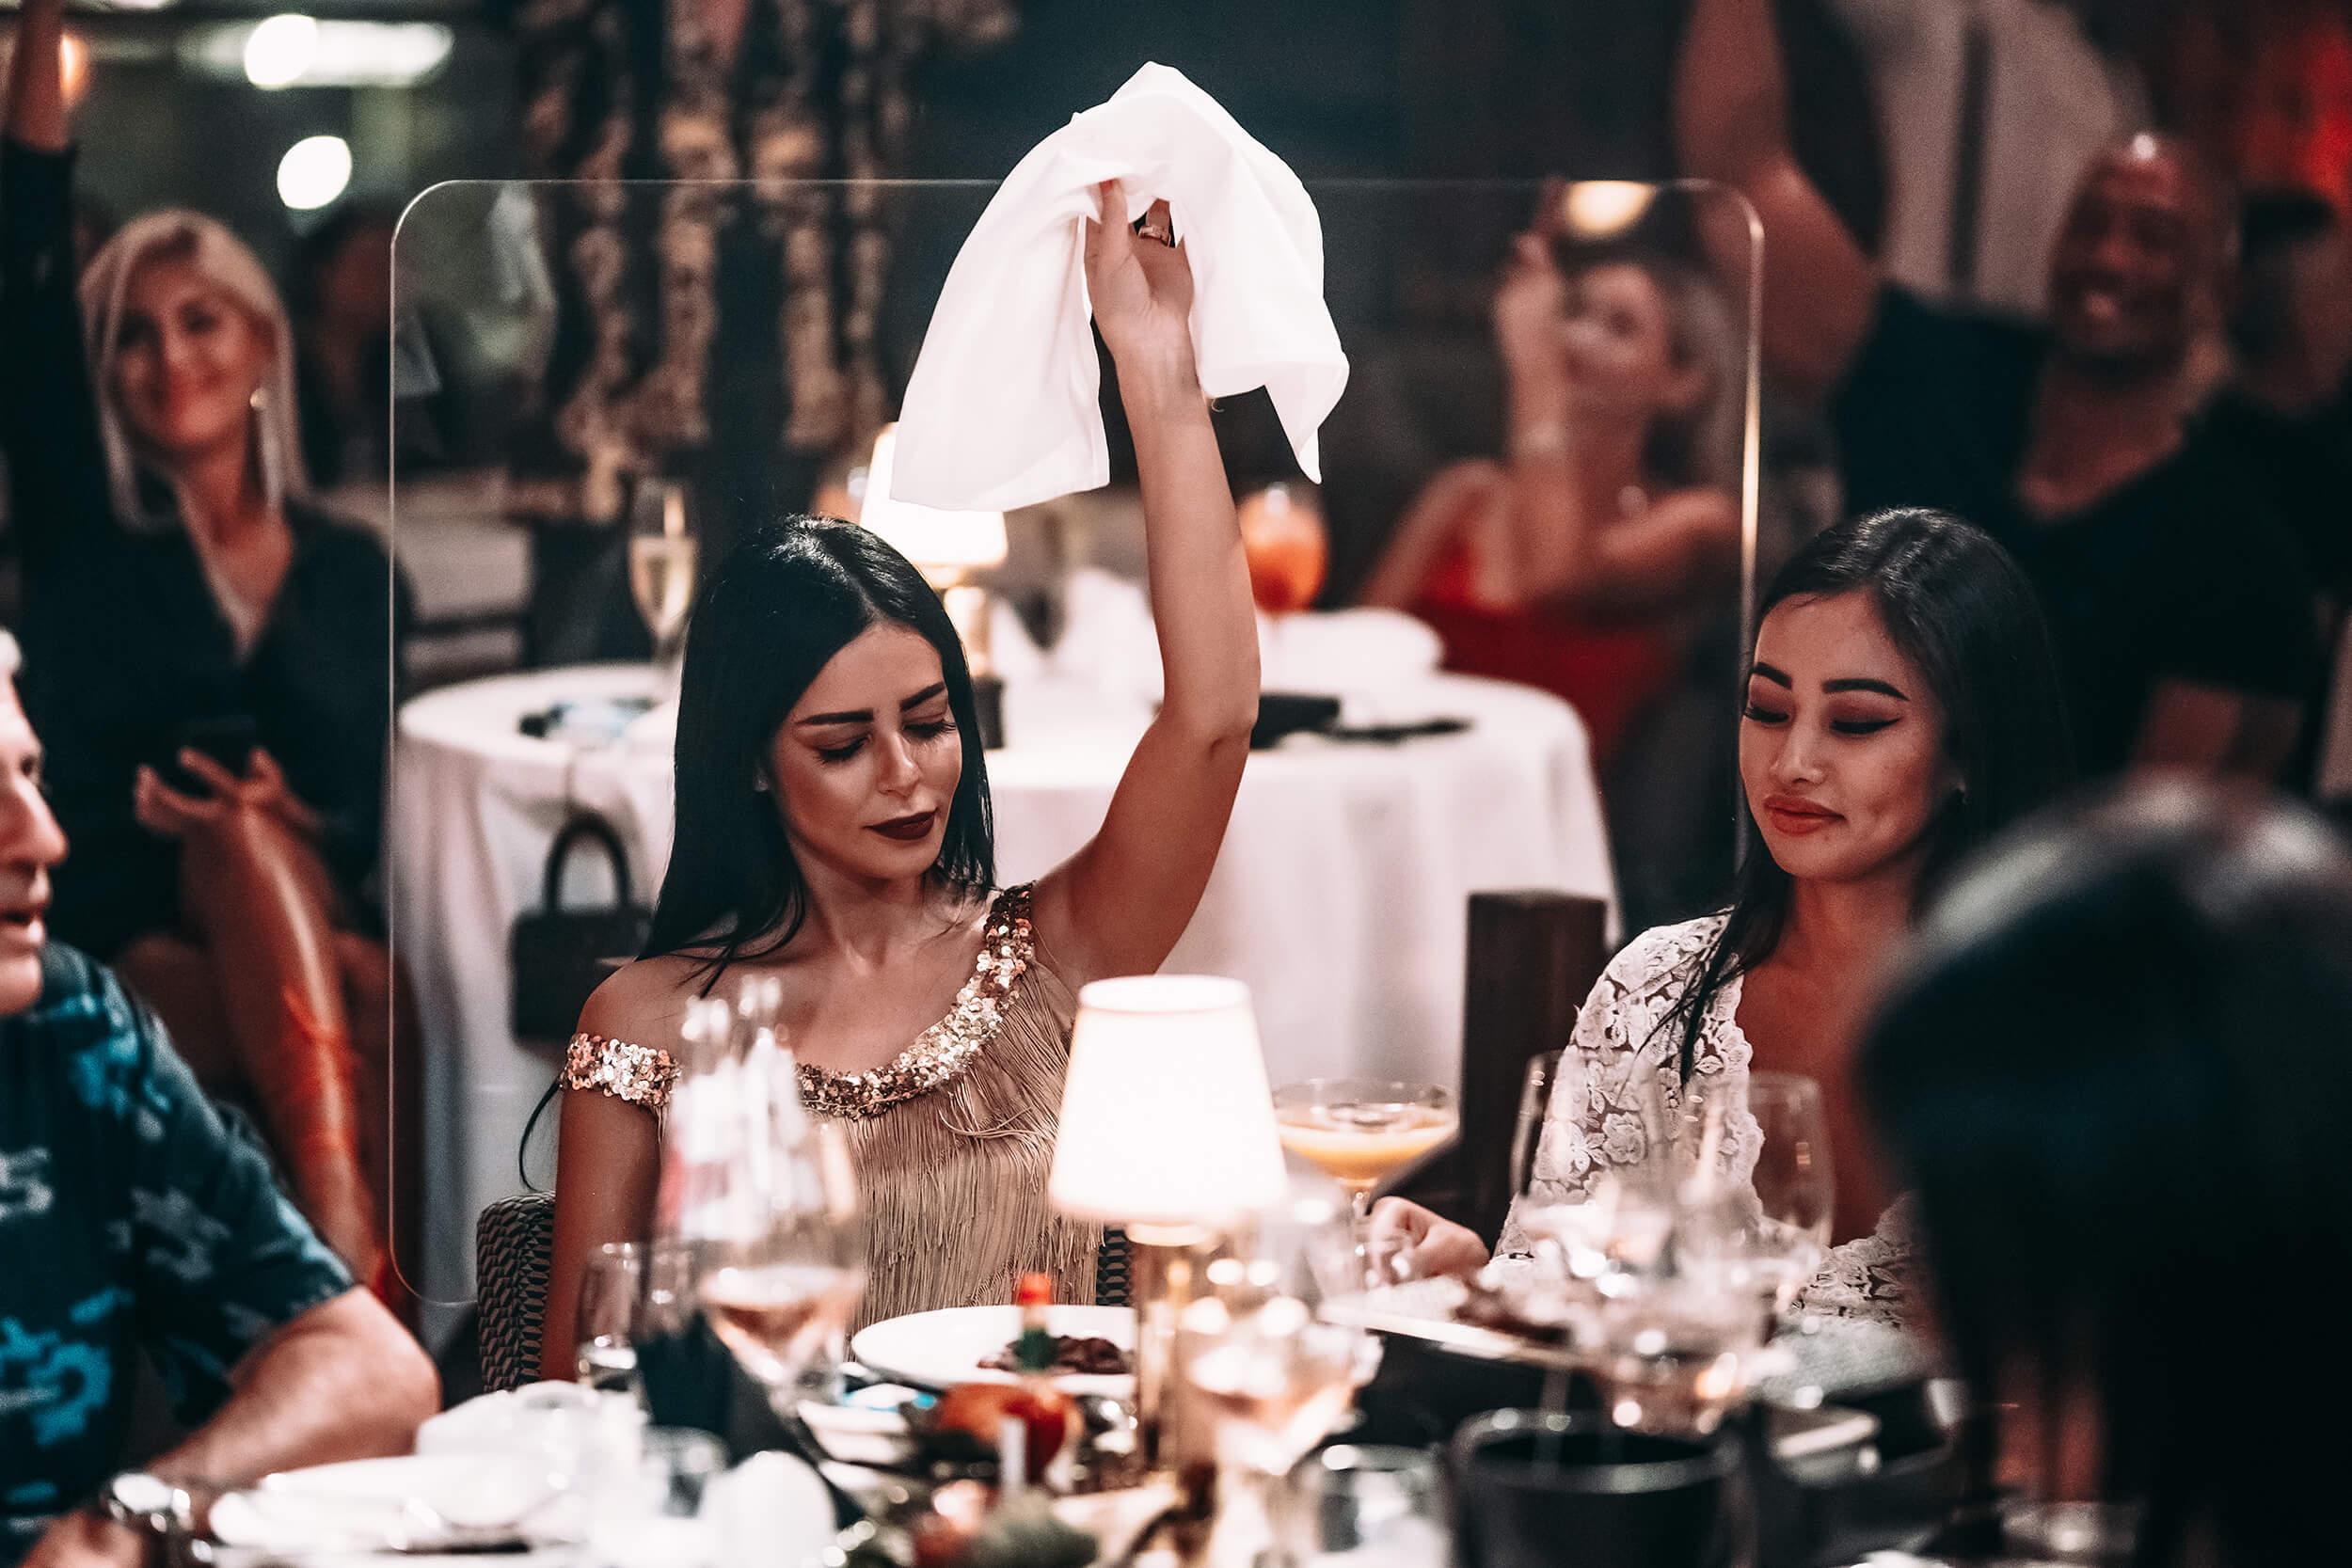 Women at table Billionaire Dubai